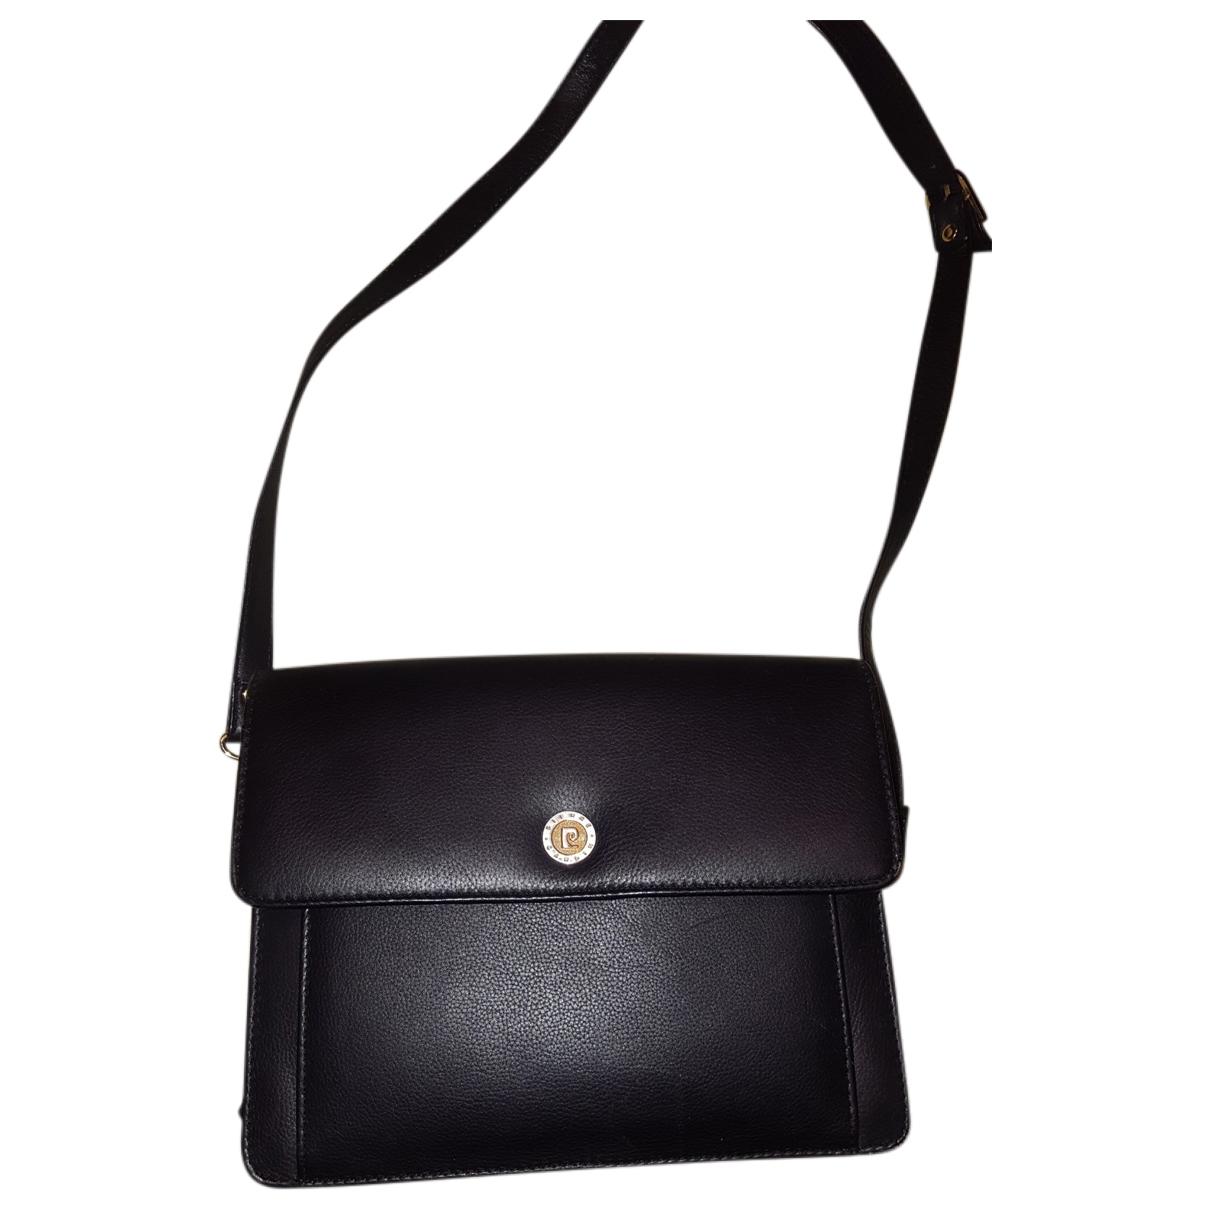 Pierre Cardin - Sac a main   pour femme en cuir - noir